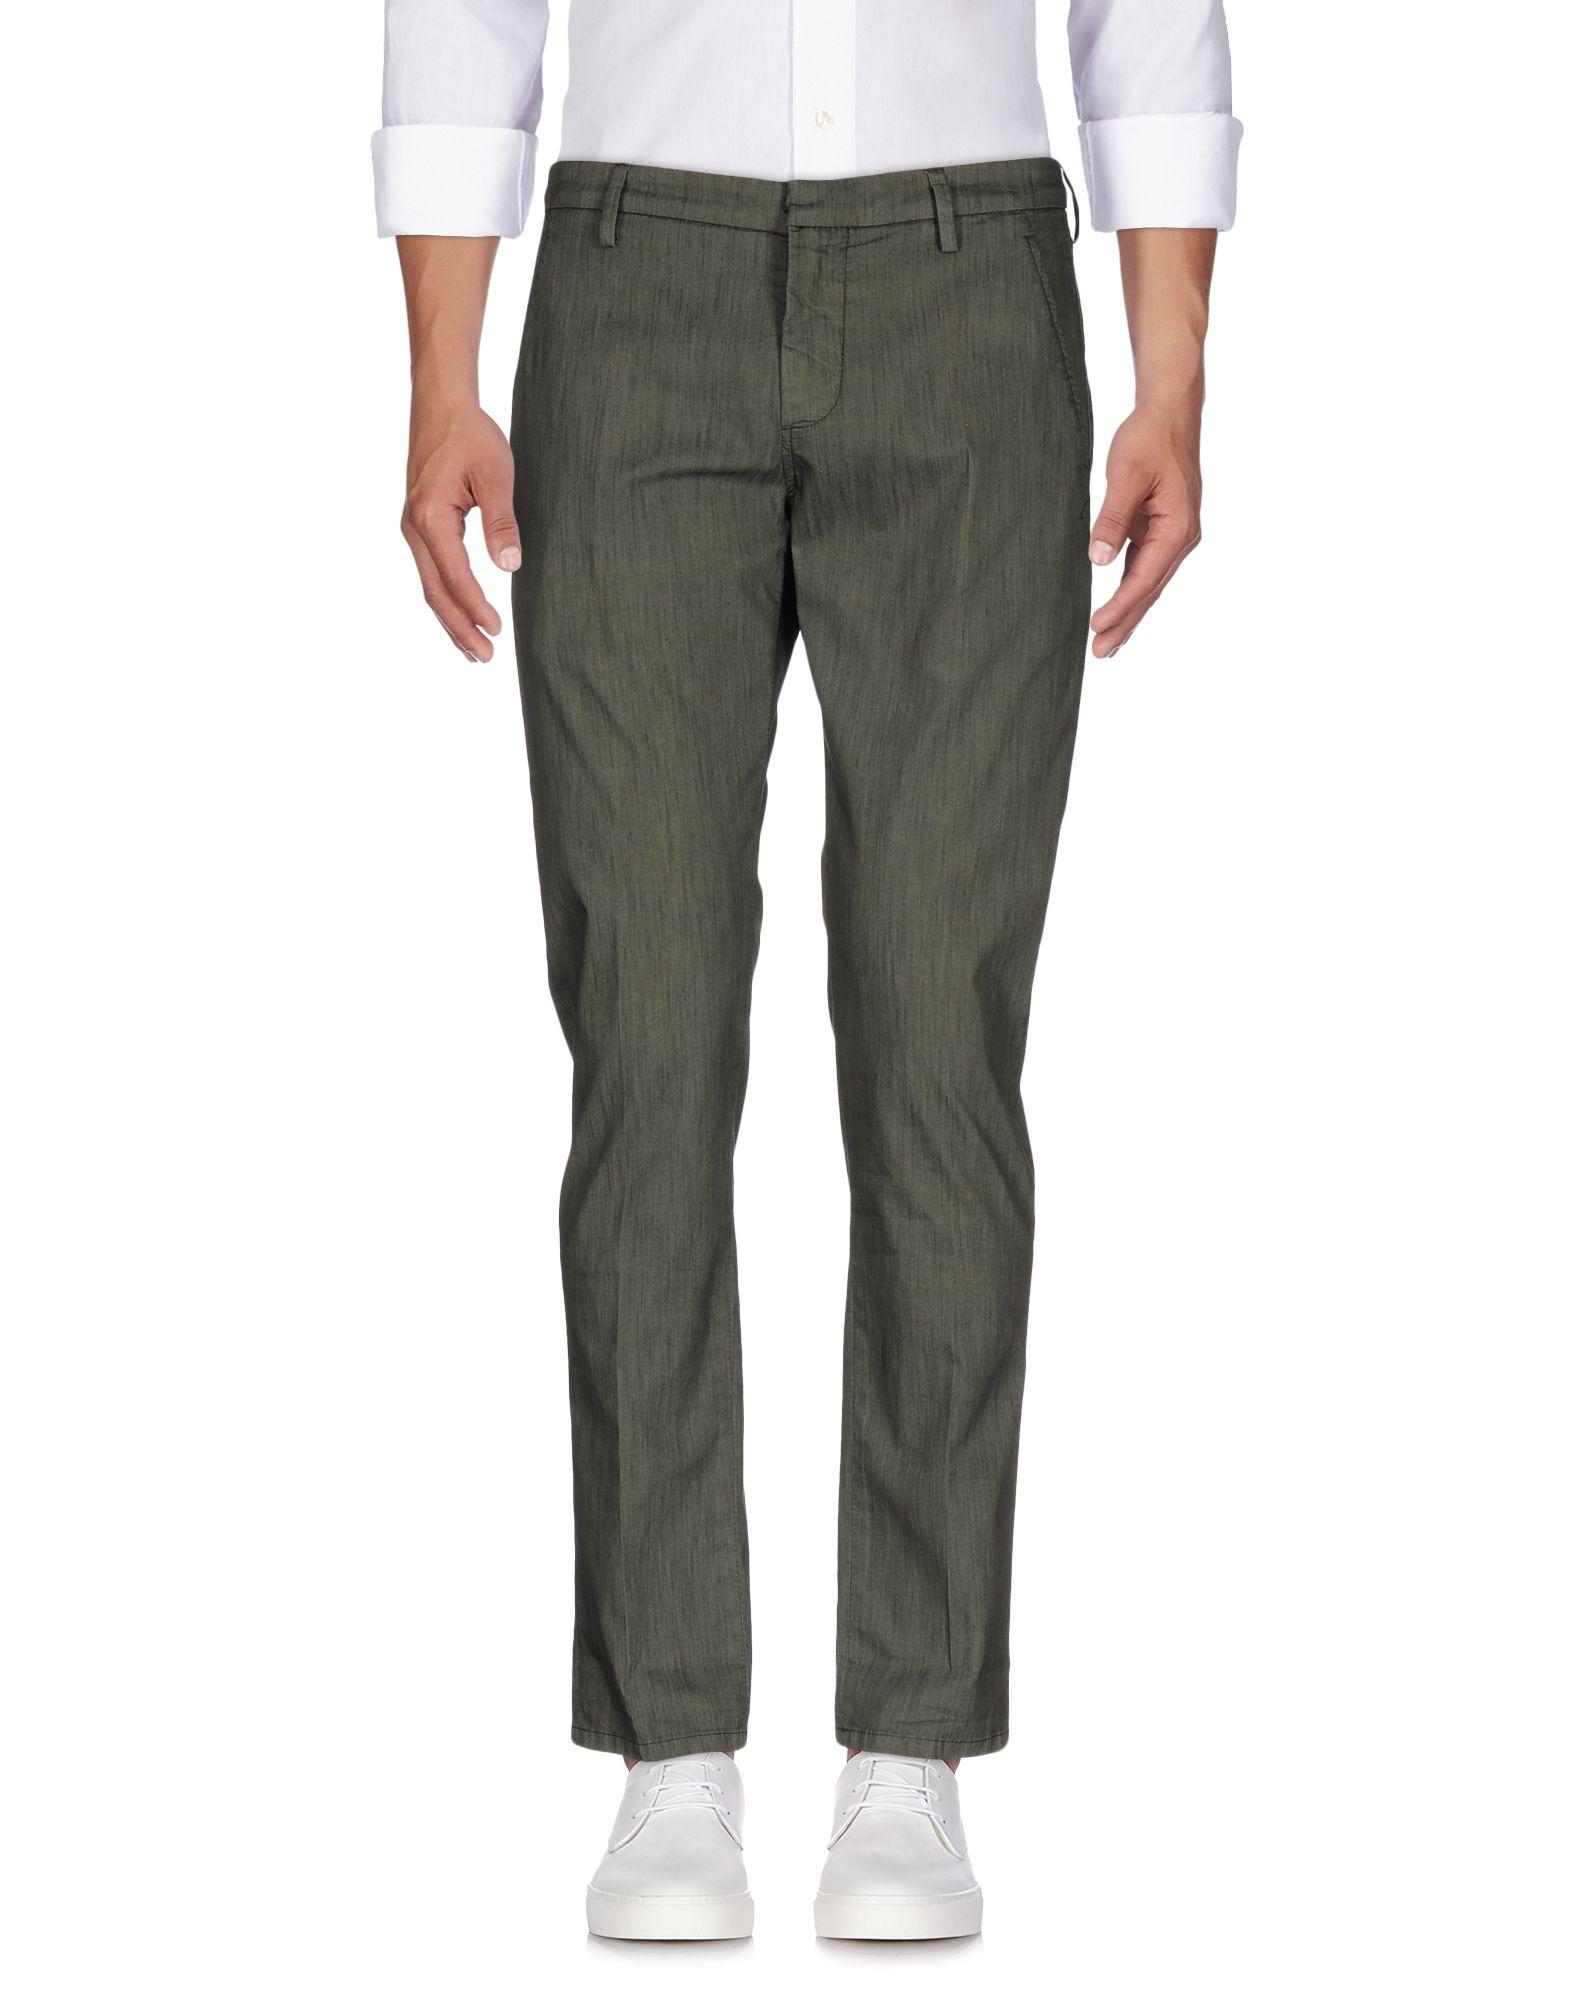 Pantaloni Jeans Dondup uomo uomo uomo - 36924143NI f03